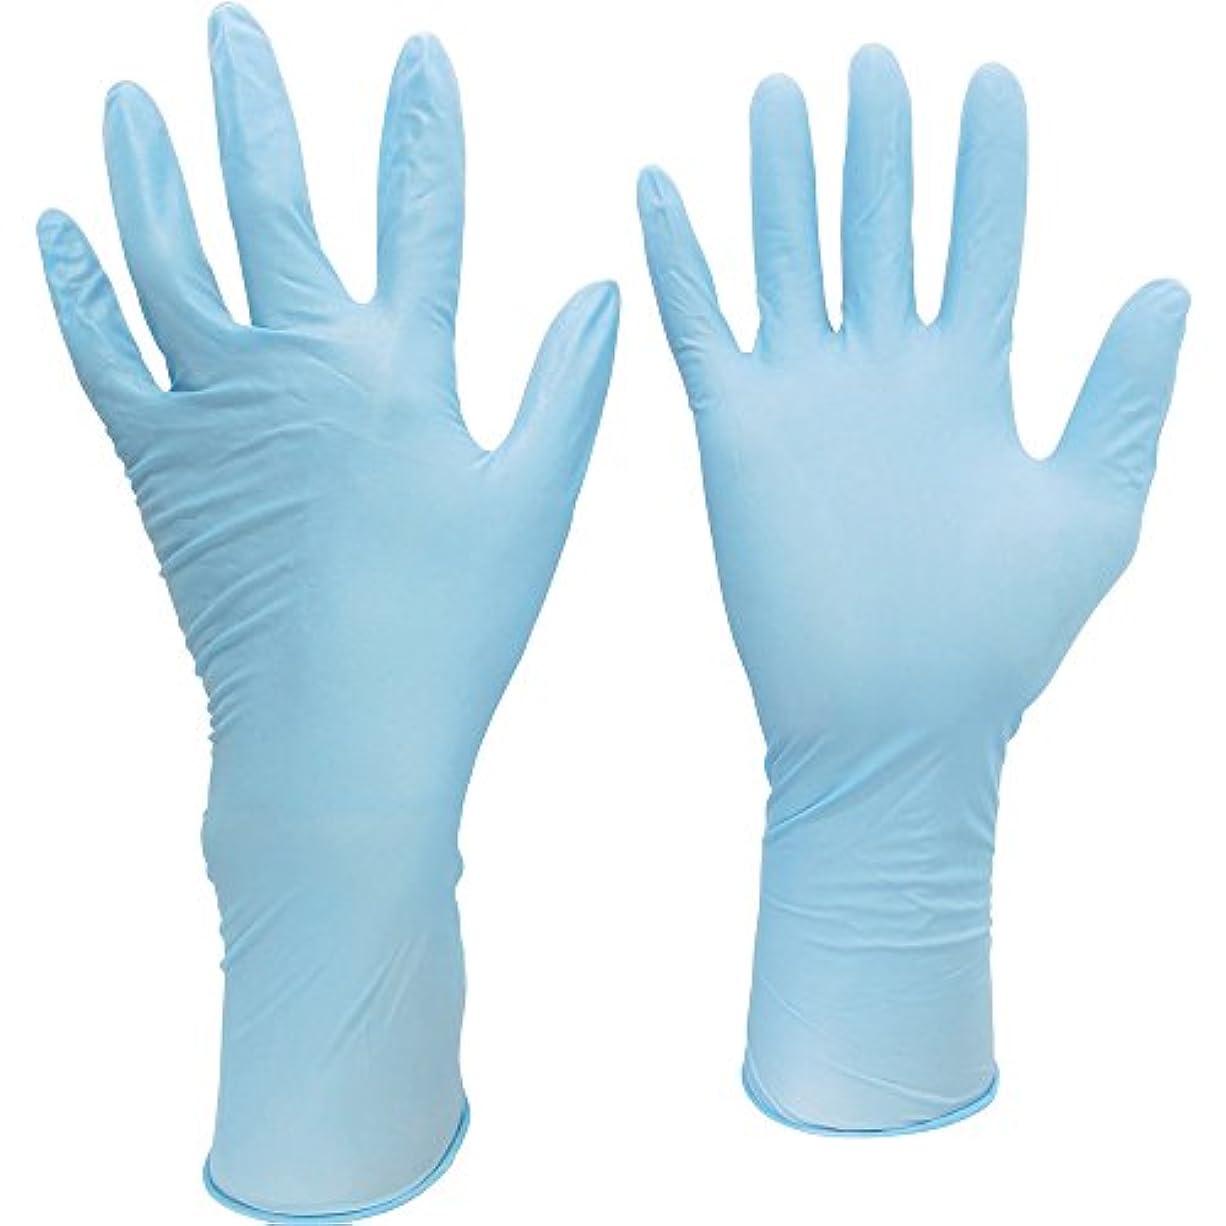 委託軽蔑するリダクターミドリ安全 ニトリル使い捨て手袋 ロング 厚手 粉なし 青 S (50枚入) VERTE-755R-S ニトリルゴム使い捨て手袋